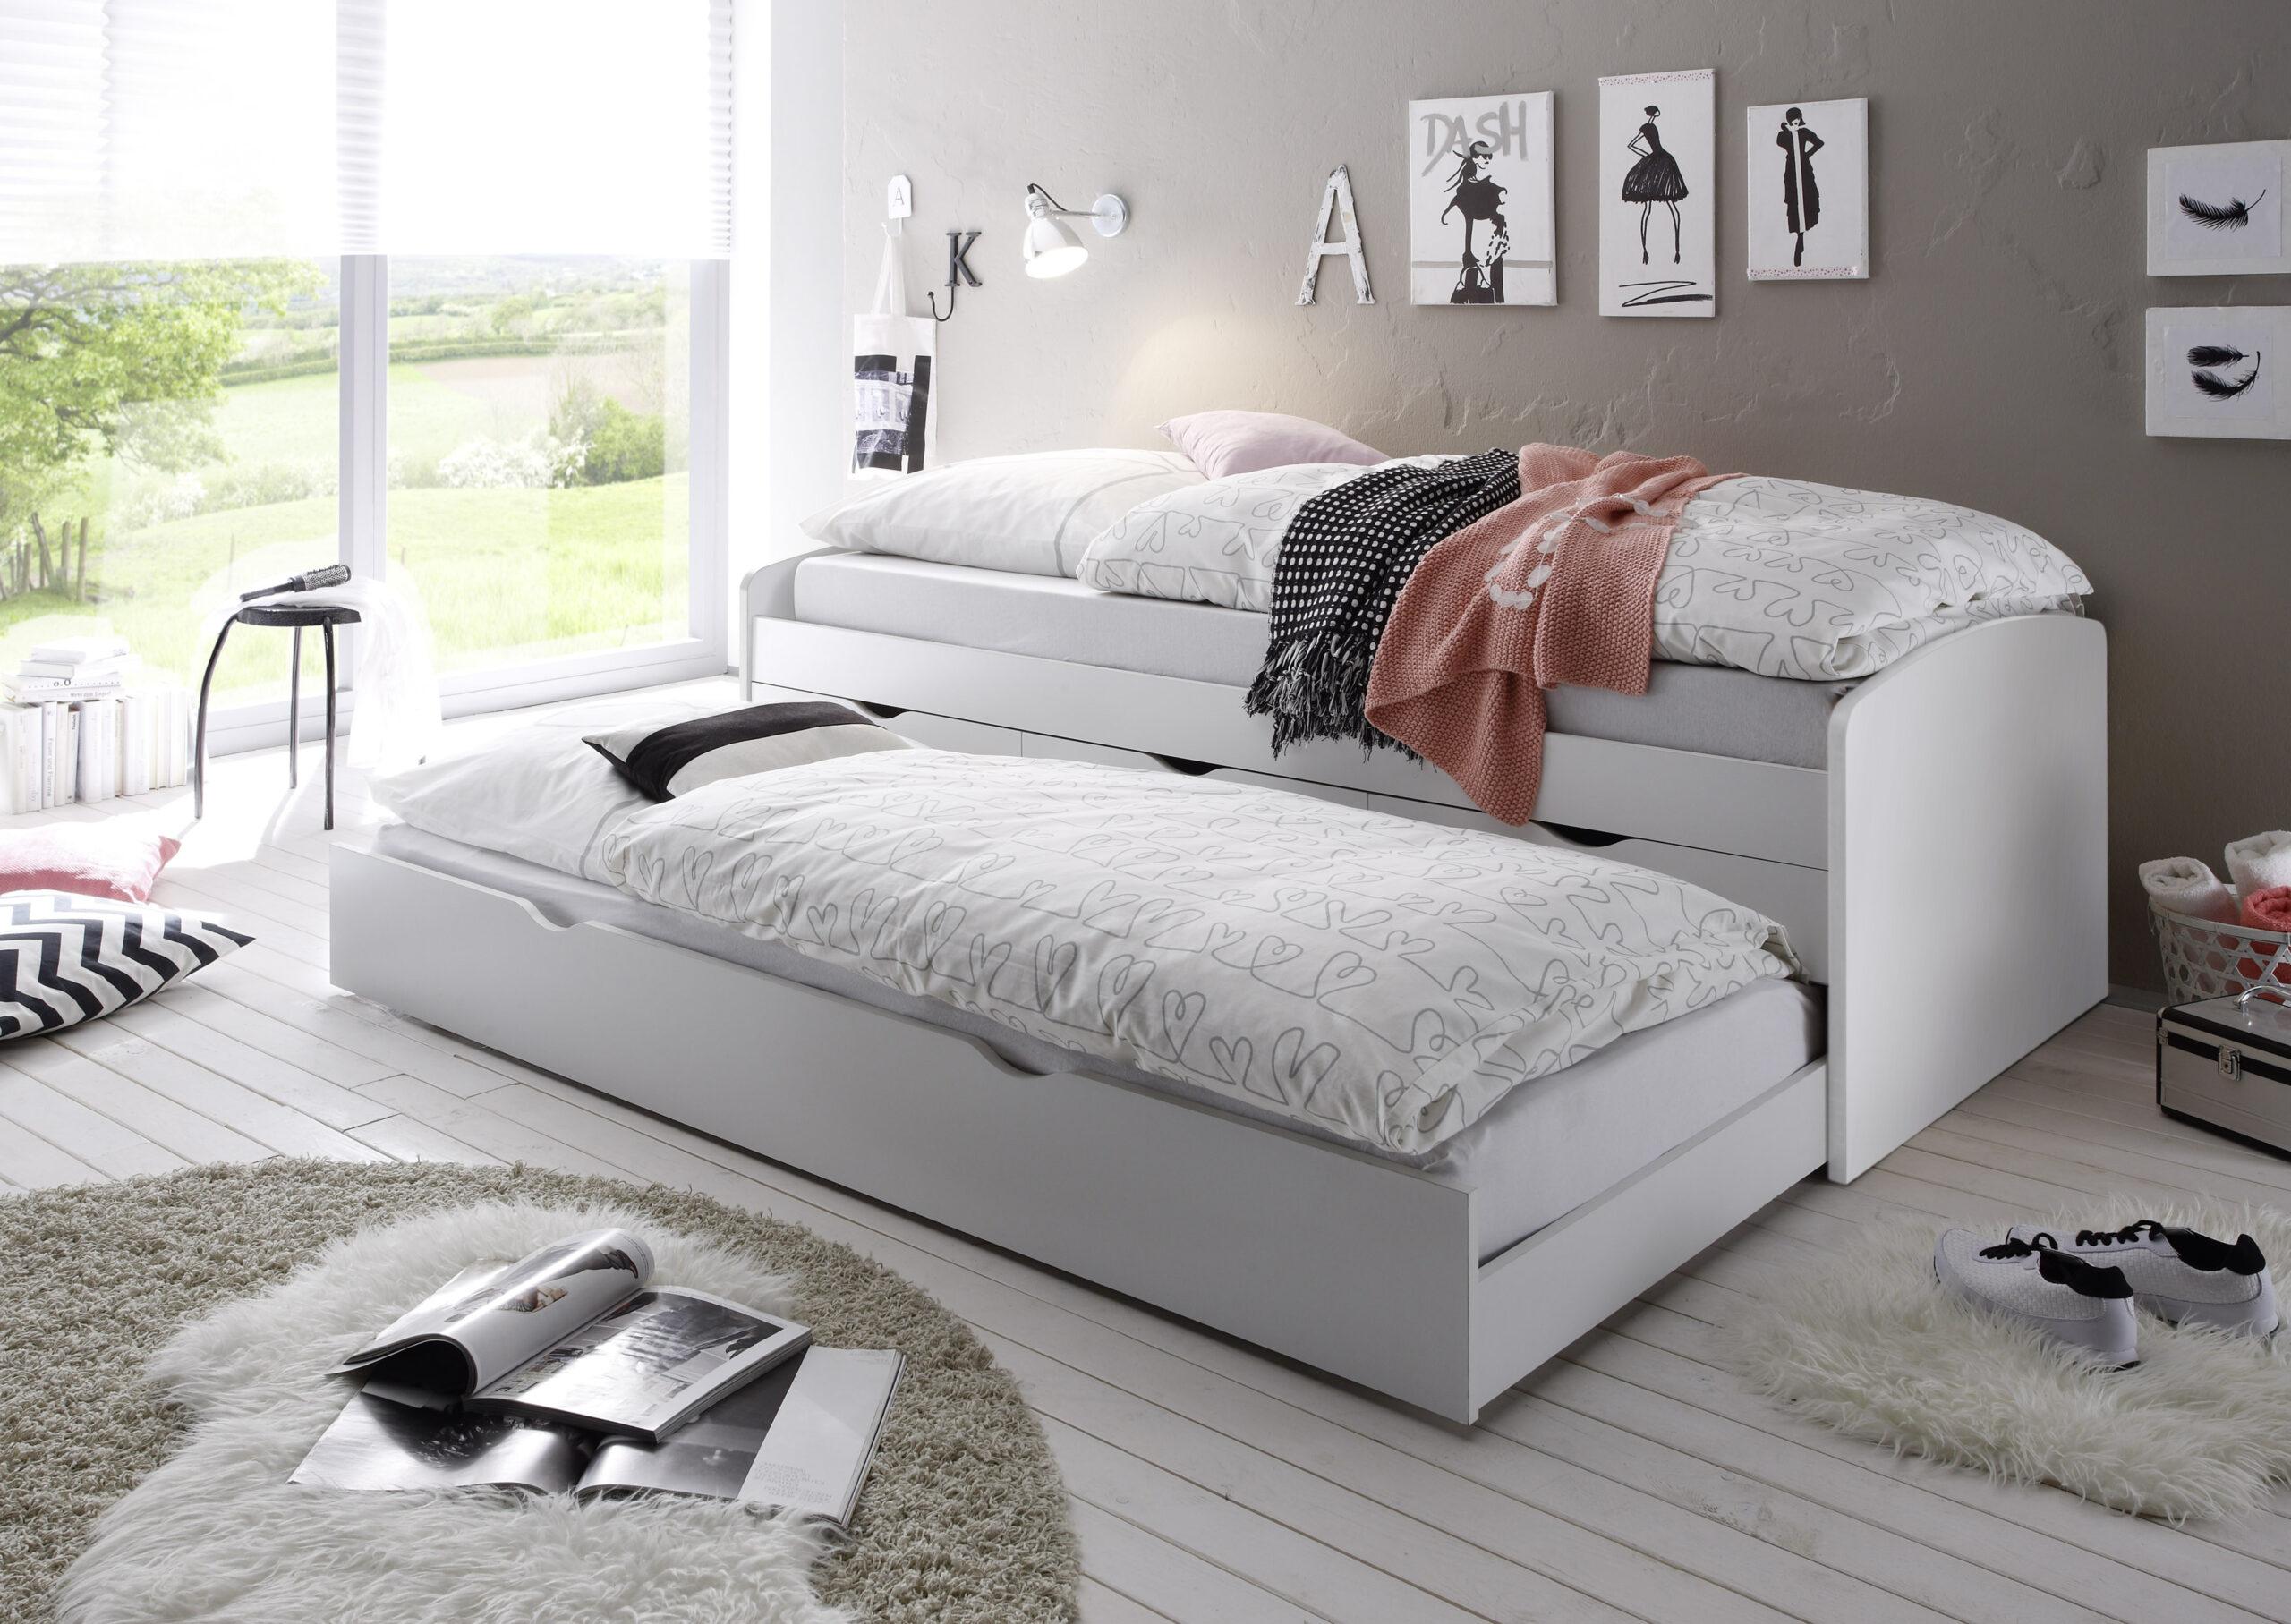 Full Size of Bett Mit Ausziehbett Ikea 140x200 Einzelbett Schubladenbett Sofa Relaxfunktion Elektrisch 90x200 Lattenrost Luxus Betten Stauraum 140 X 200 Bei Und Matratze Wohnzimmer Bett Mit Ausziehbett Ikea